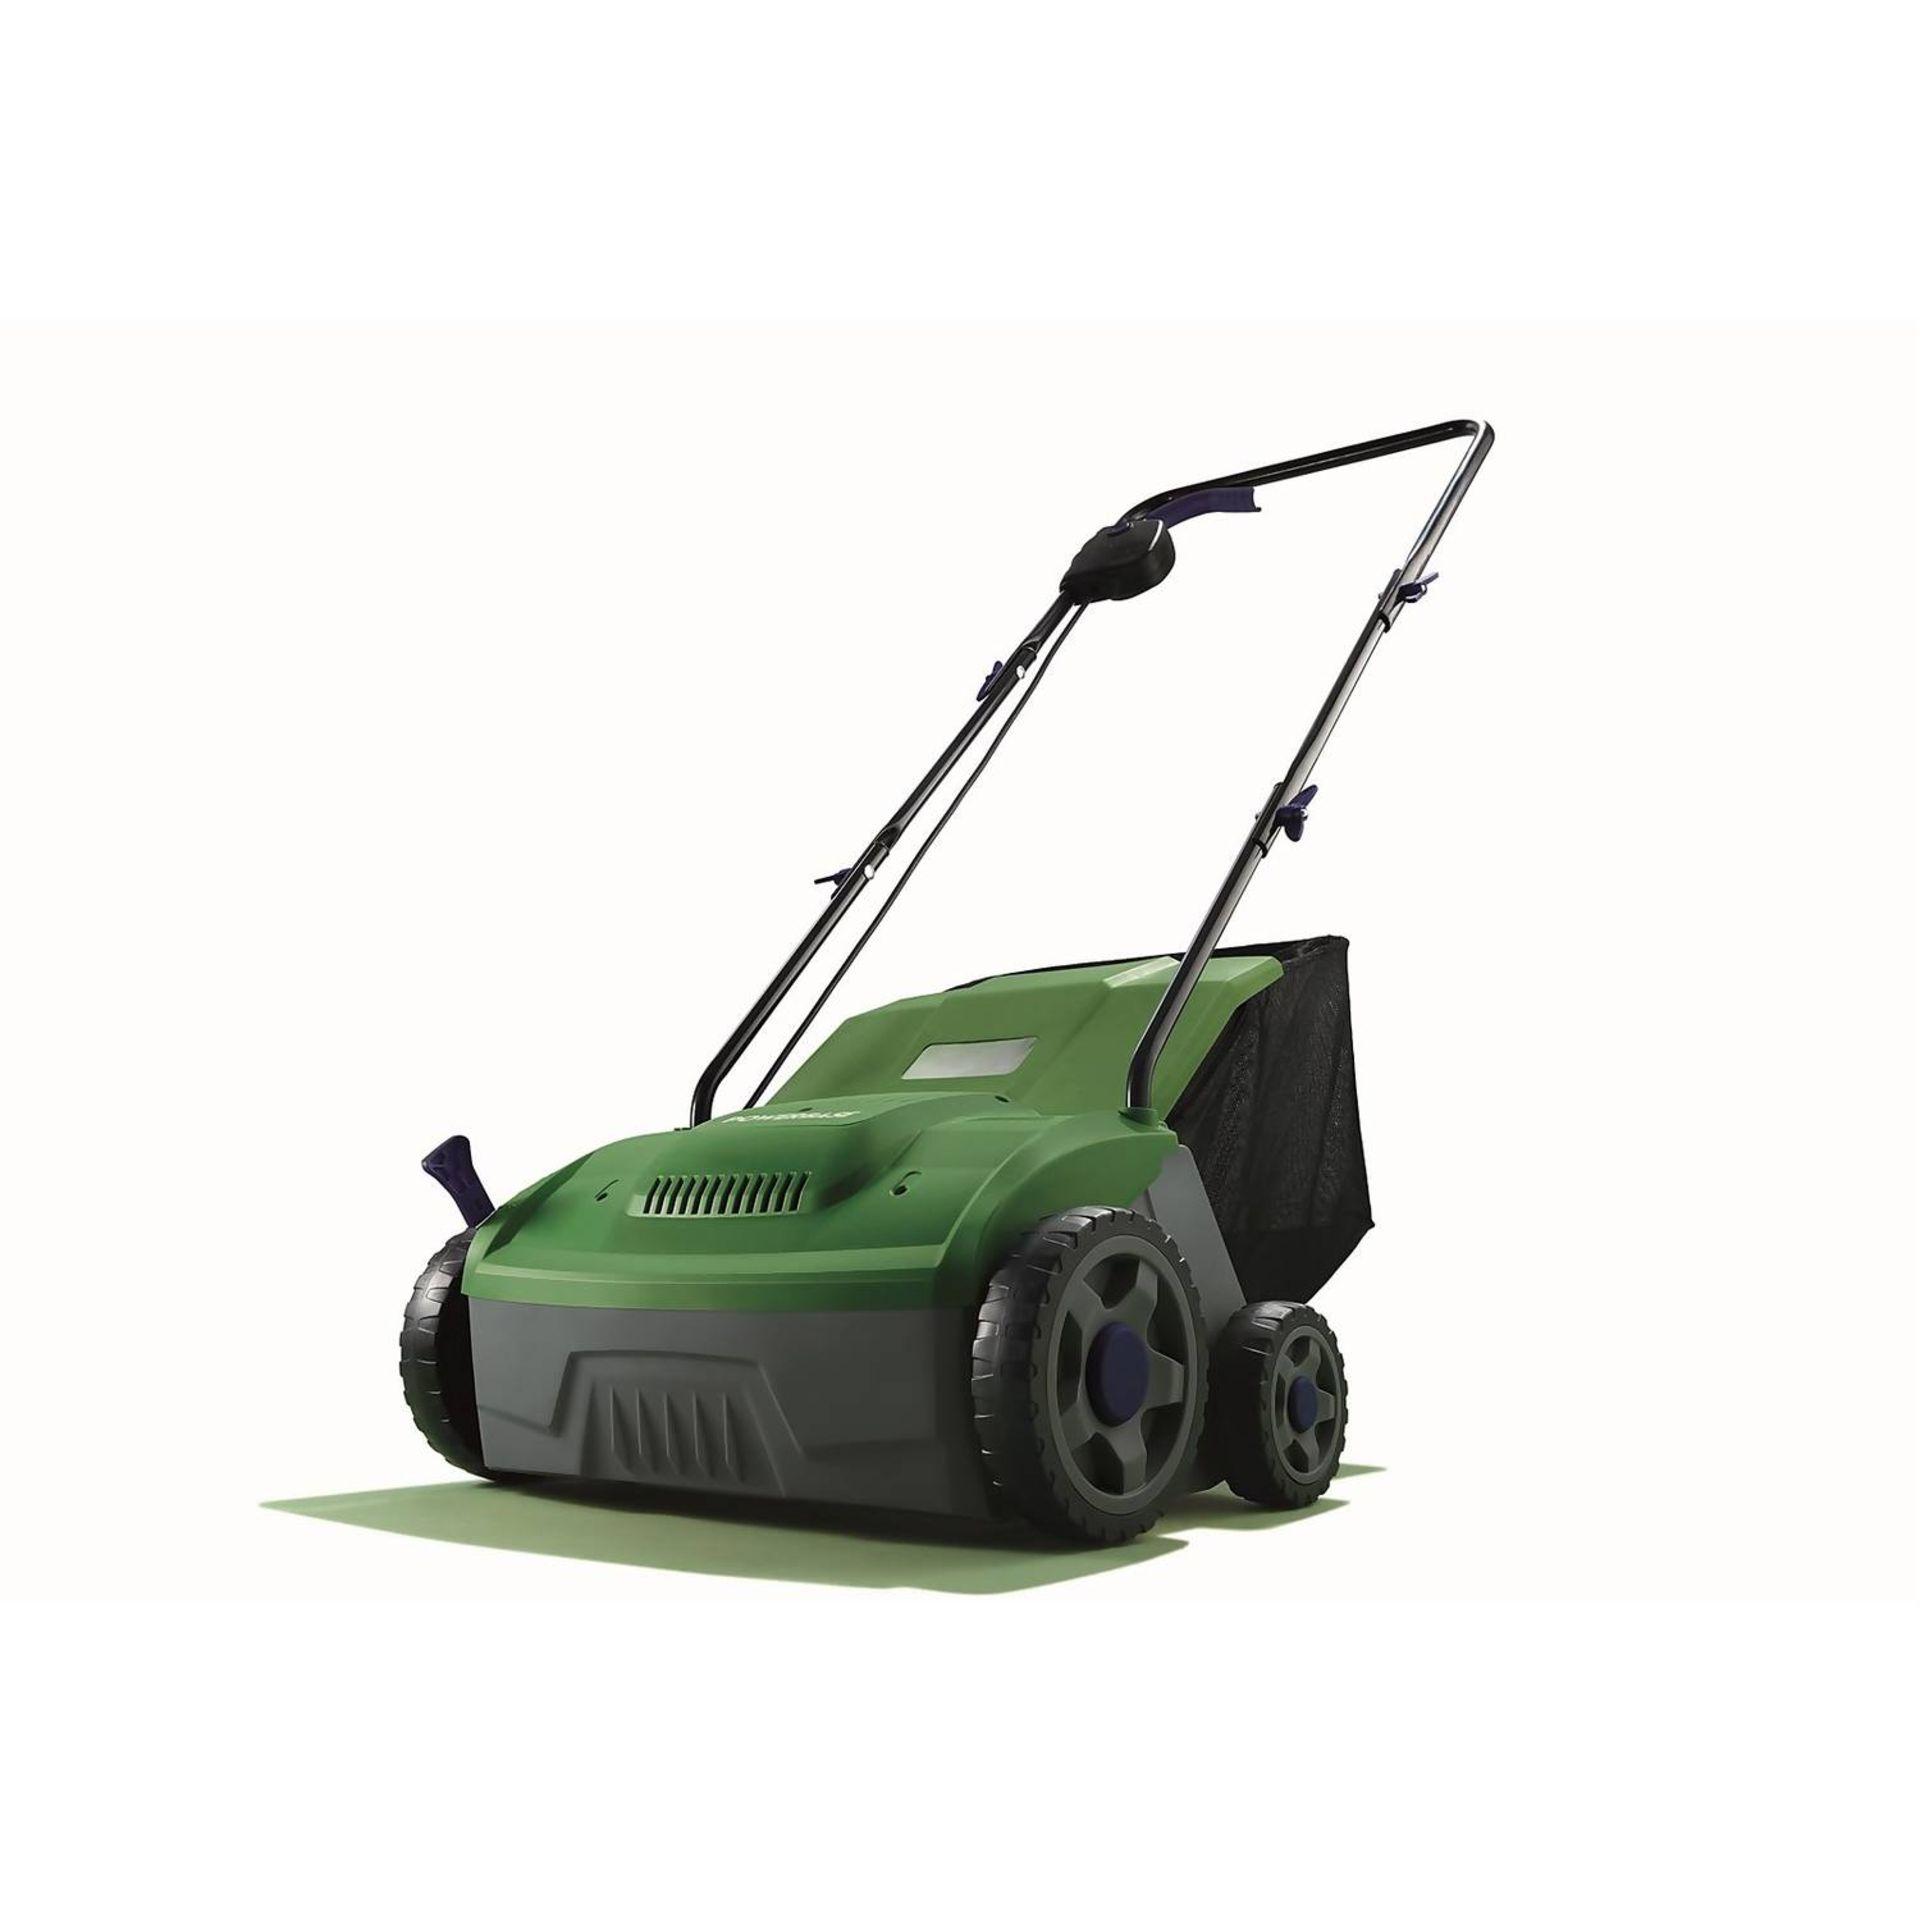 (P9) 2x Items. 1x Powerbase 32cm 1400W Electric Lawn Rake & Scarifier. 1x Sovereign 32cm 1200W Ele